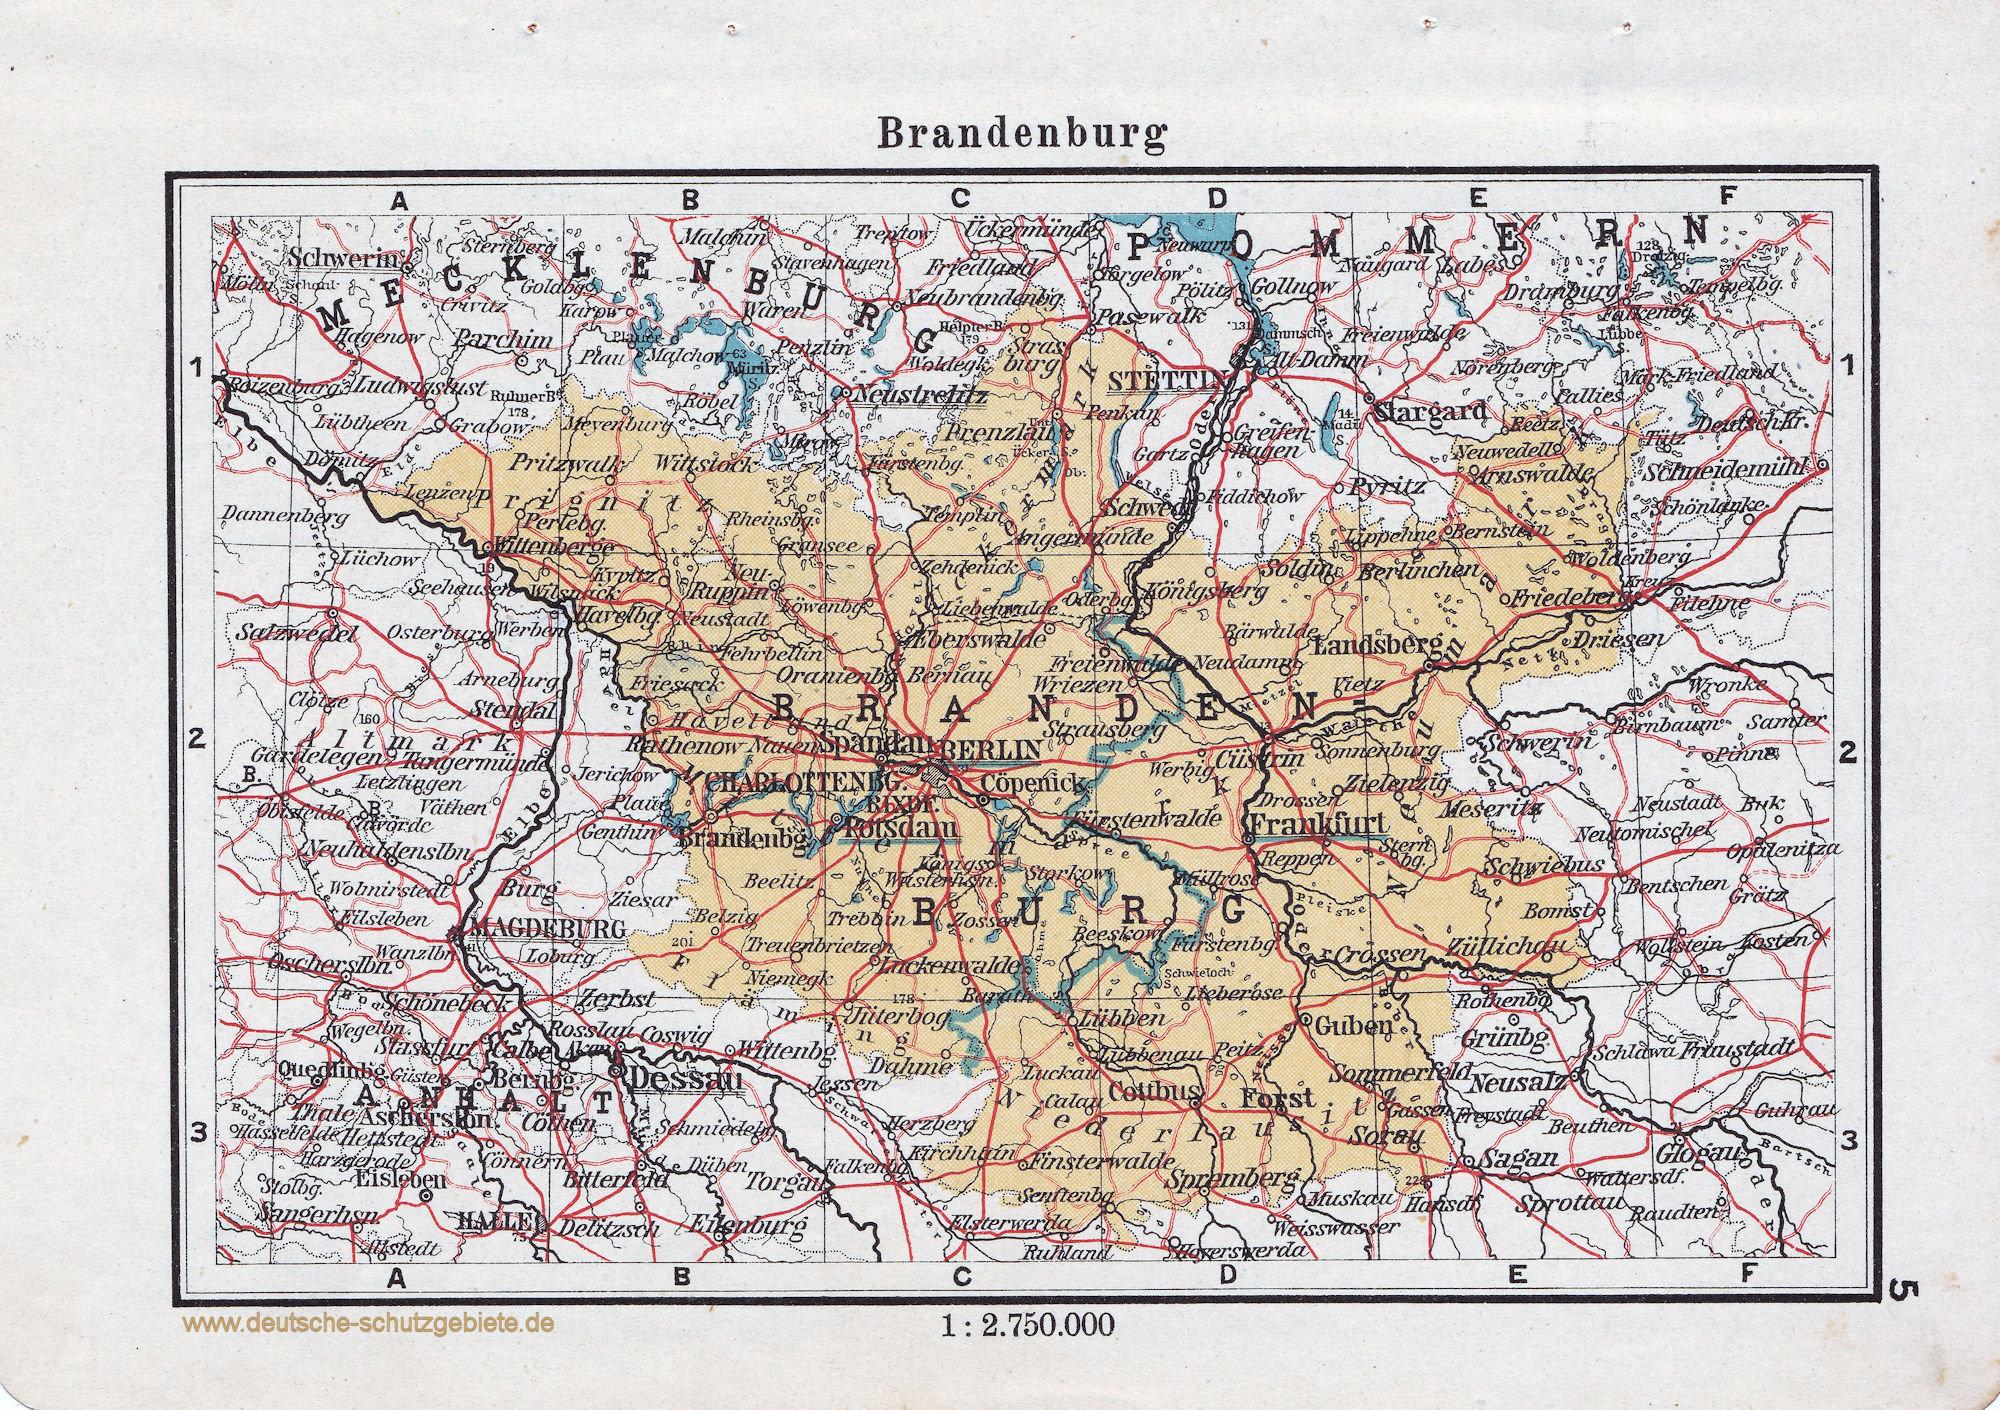 Landkarte Brandenburg